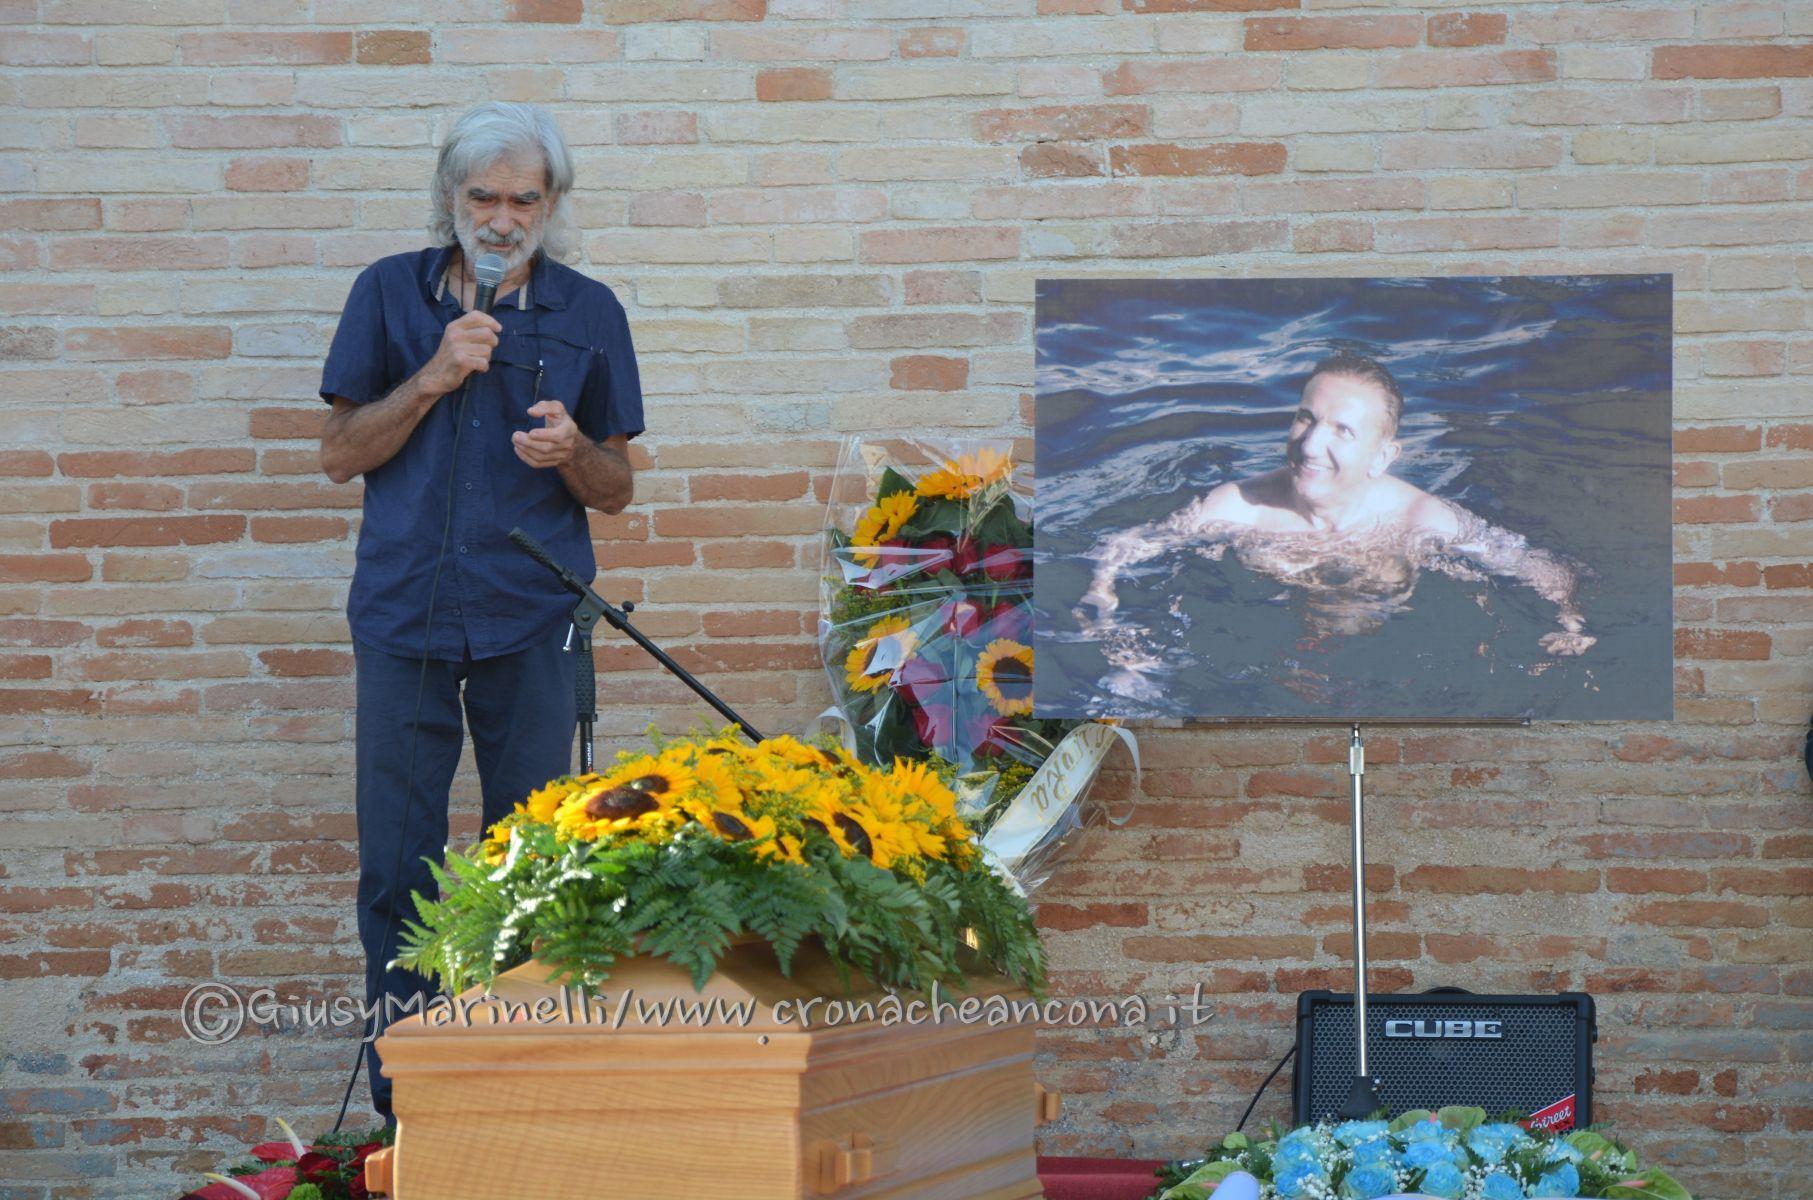 funerali_Raoul_Chiucconi-incidente_Camerano-DSC_0017